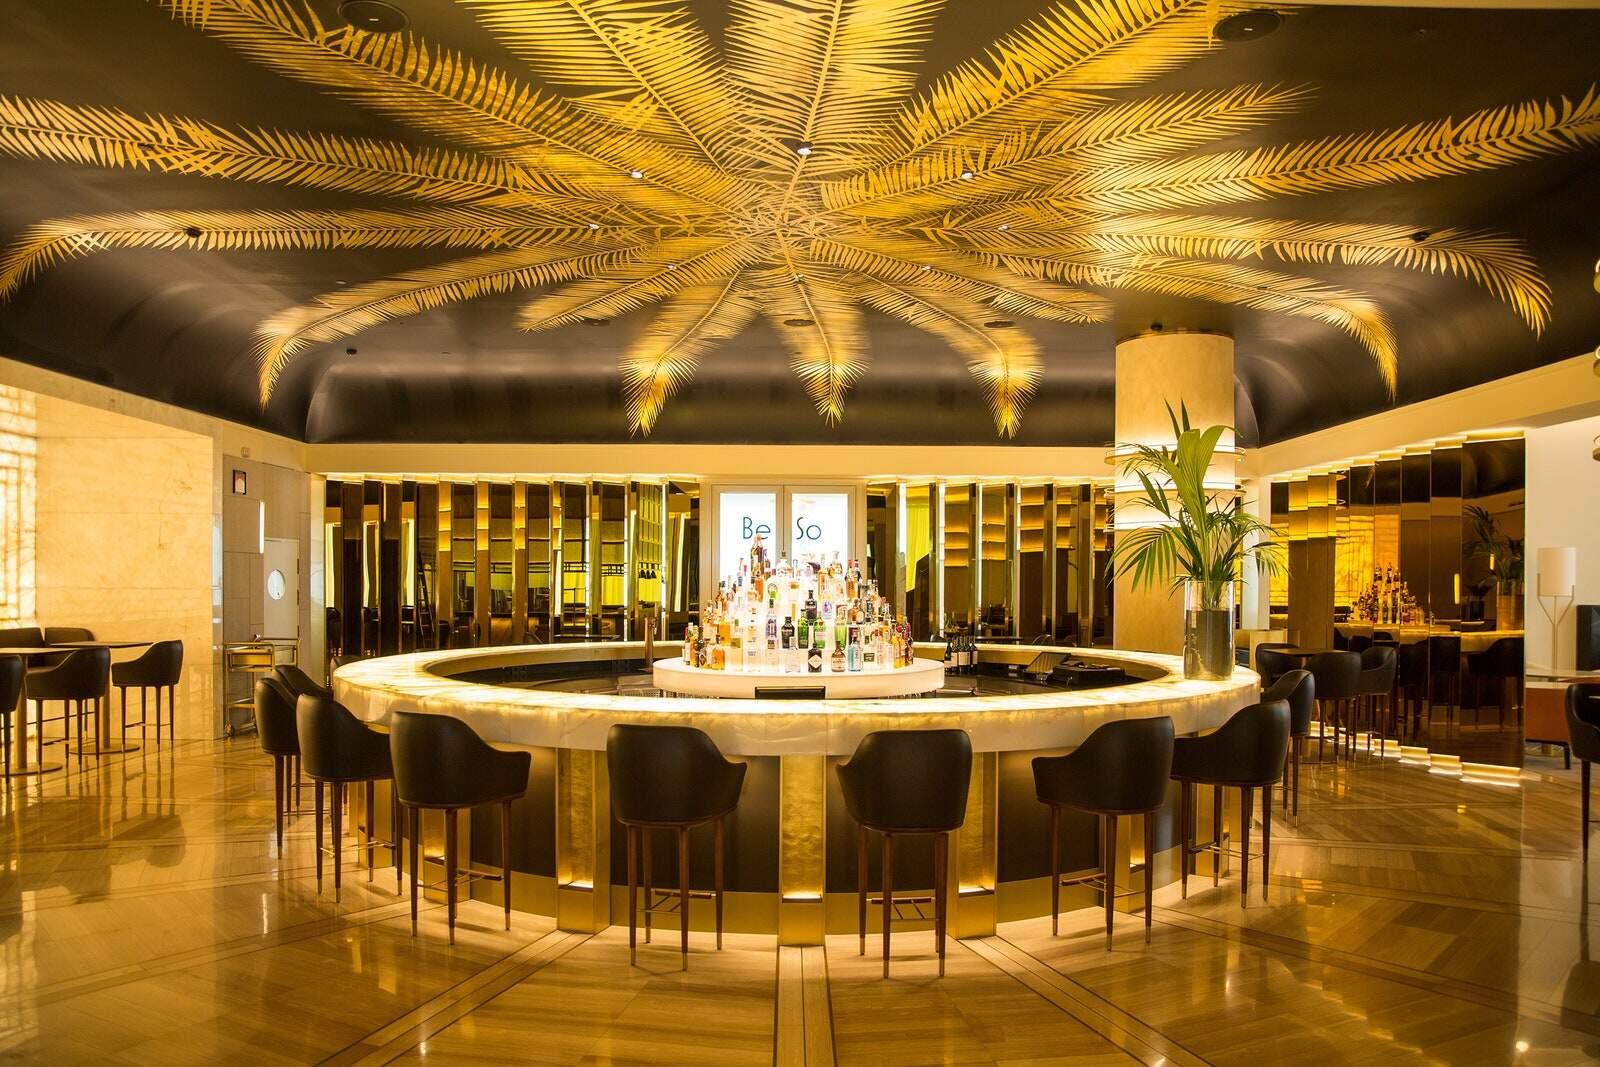 brookfield-adquiere-la-cadena-hotelera-selenta-group-por-440-millones-de-euros-2-alt